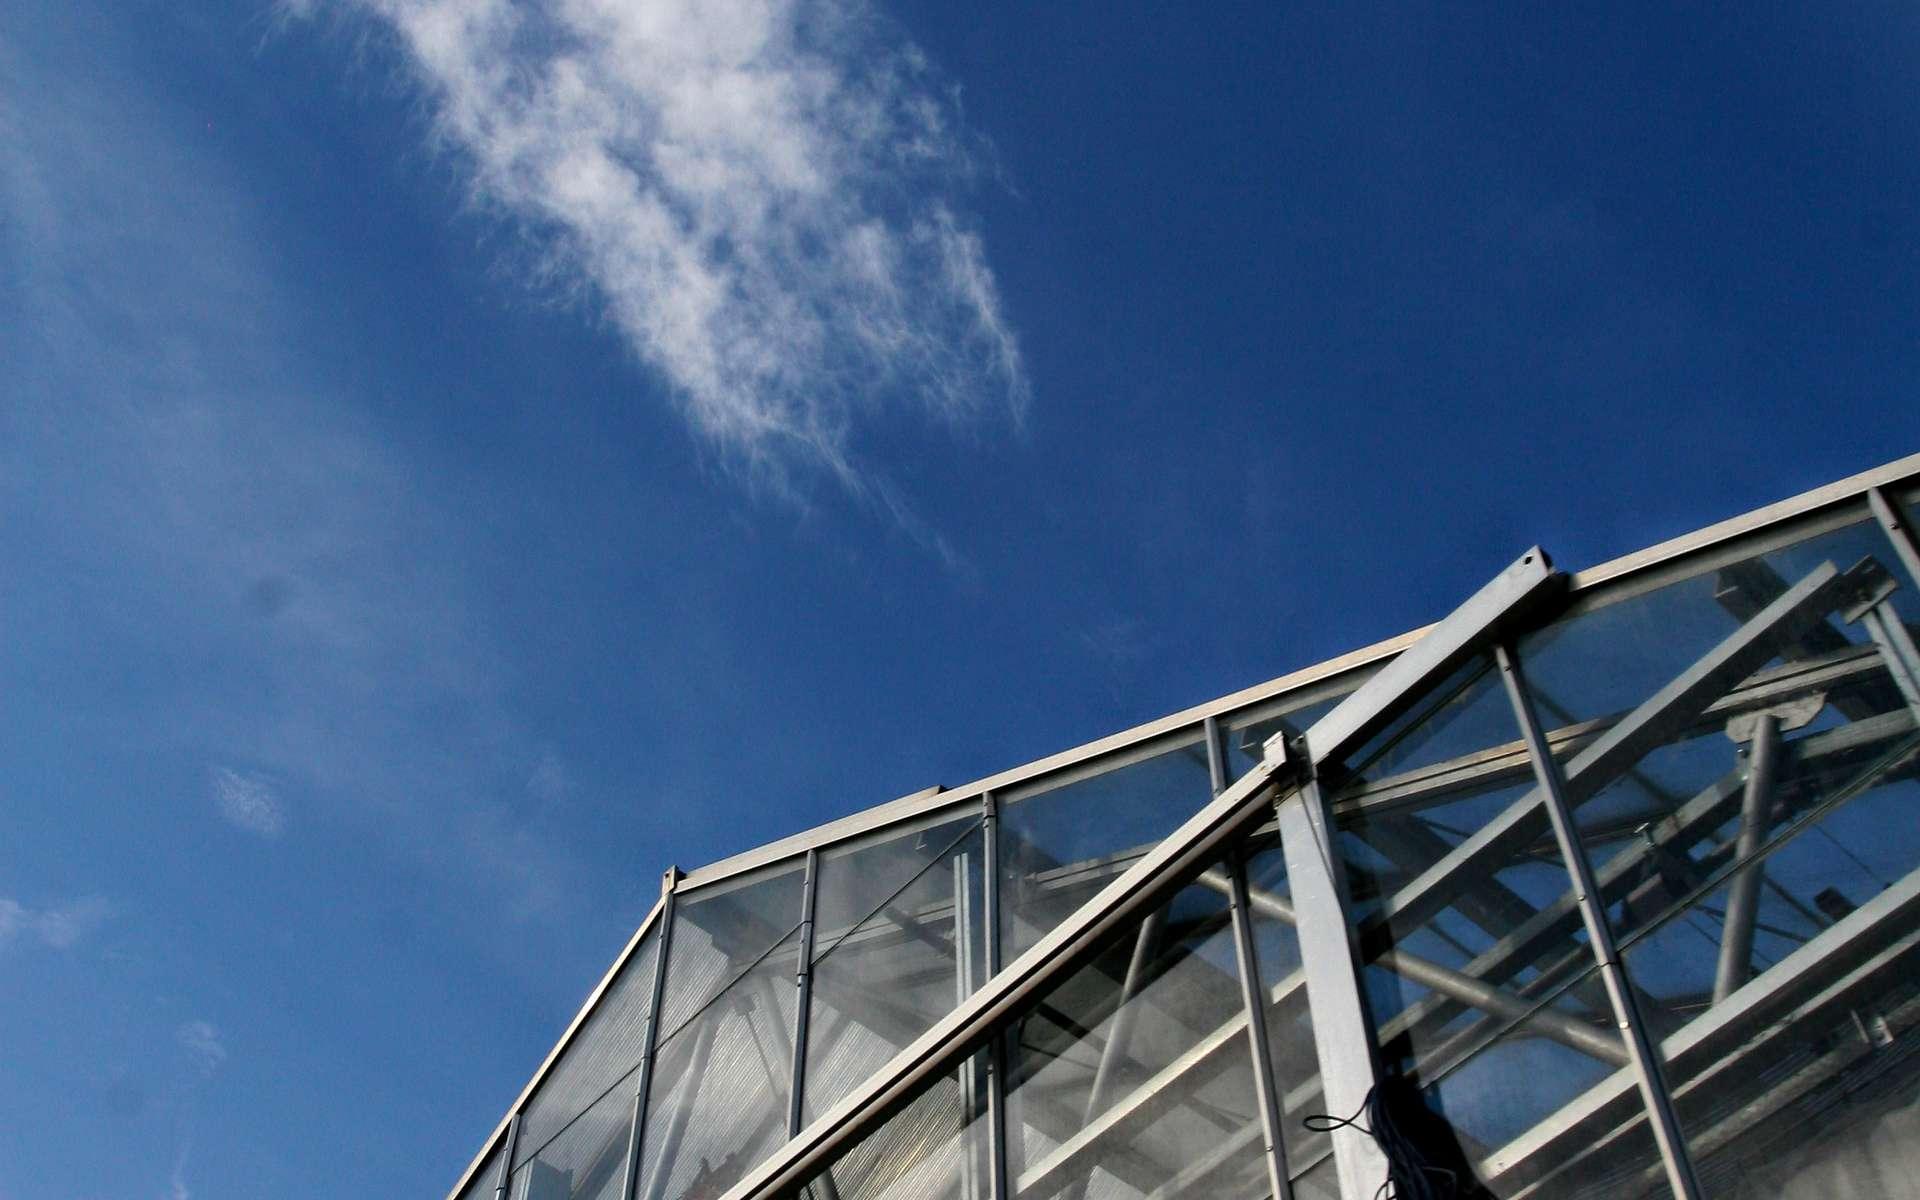 En plus d'être un gaz à effet de serre, le dioxyde de carbone provoquerait des dégâts directement sur les cellules. © Stockvault.net